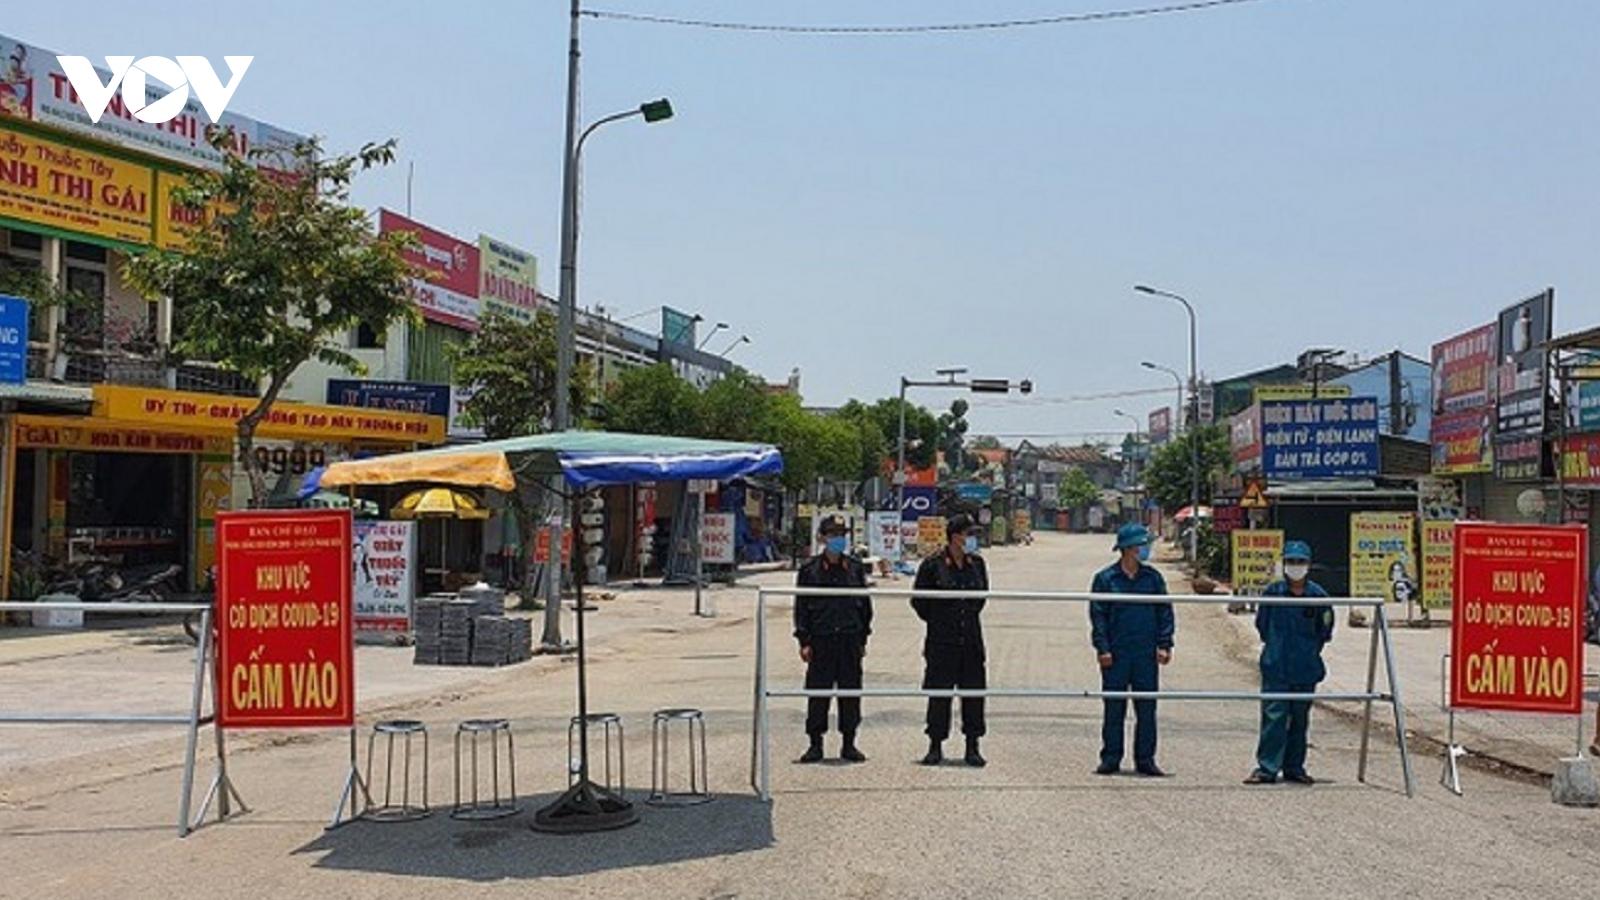 Thừa Thiên Huếgỡ phong tỏa huyện Phong Điền và thị trấn Lăng Cô